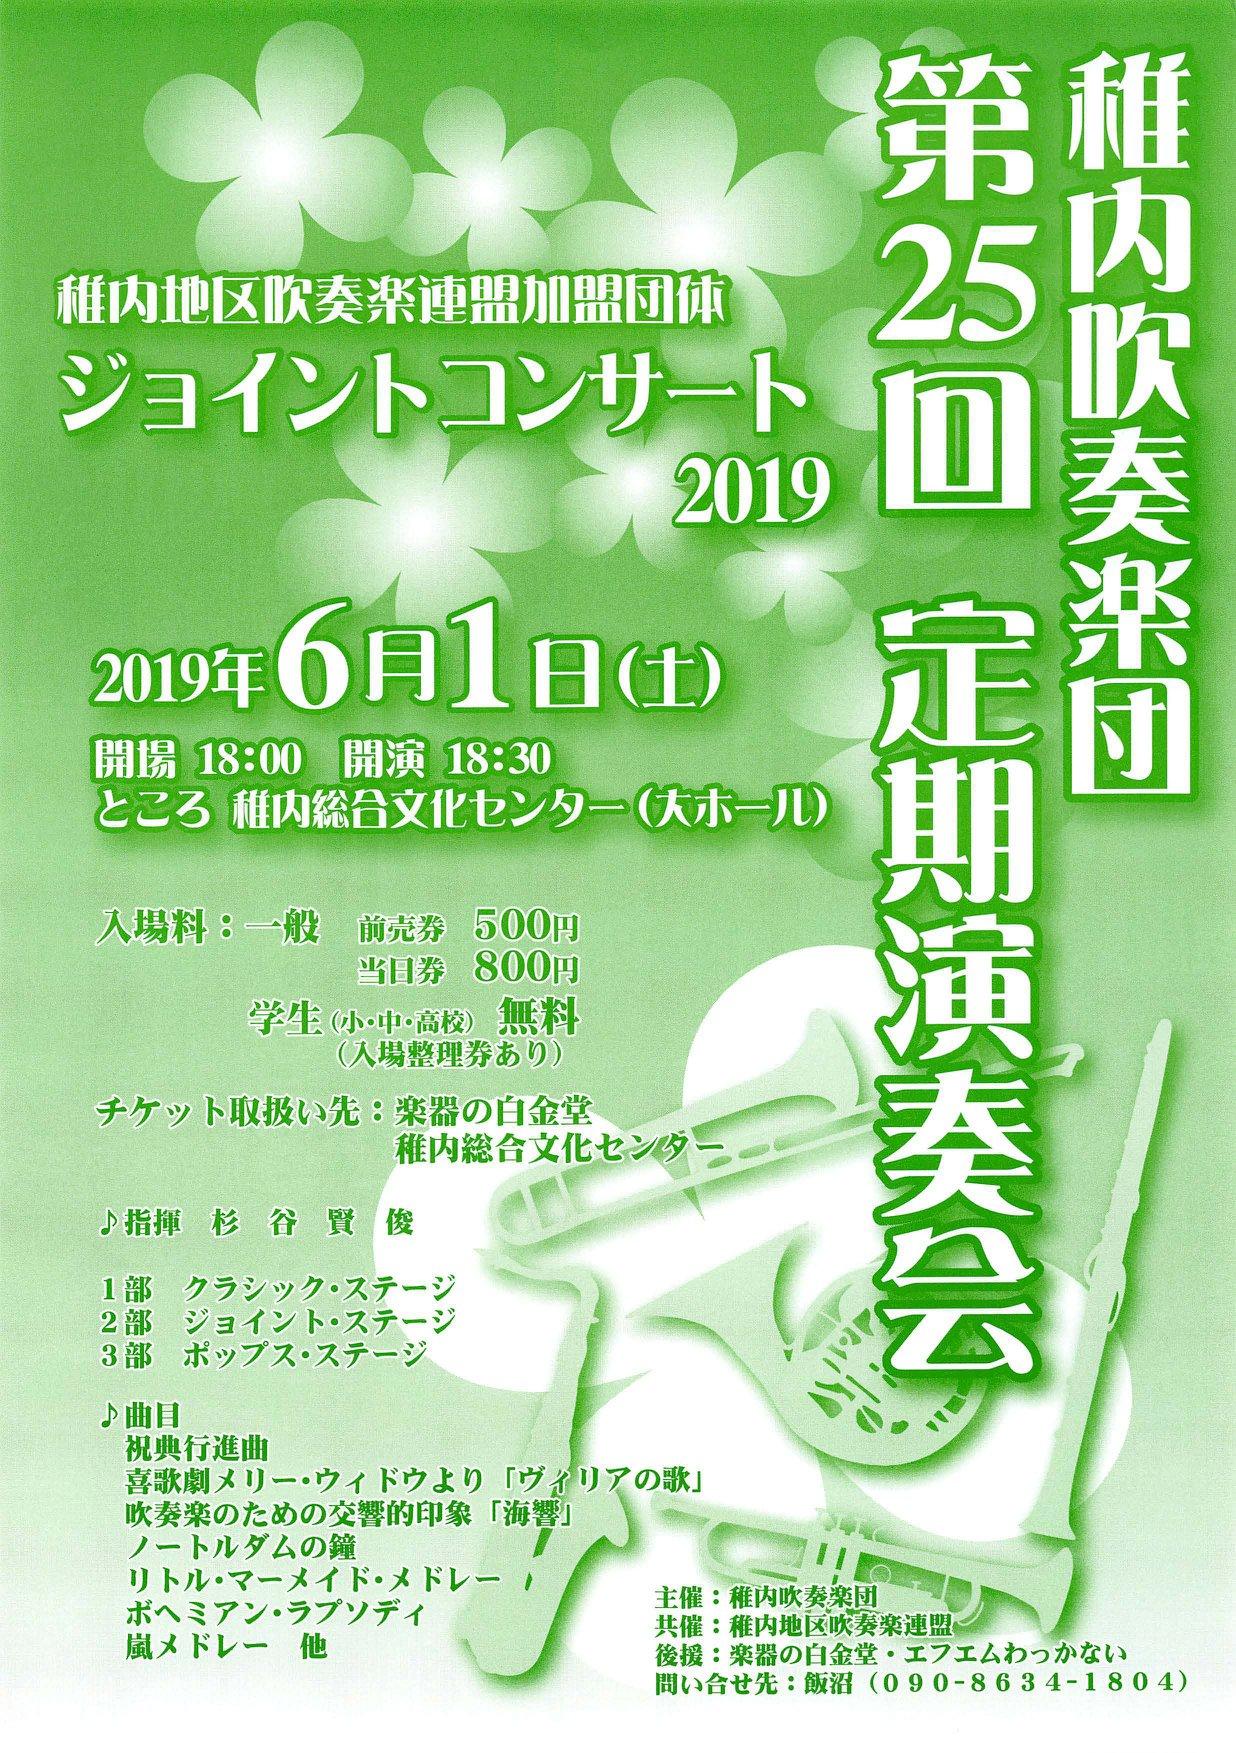 f:id:yukiha8:20190423161913j:plain:h640